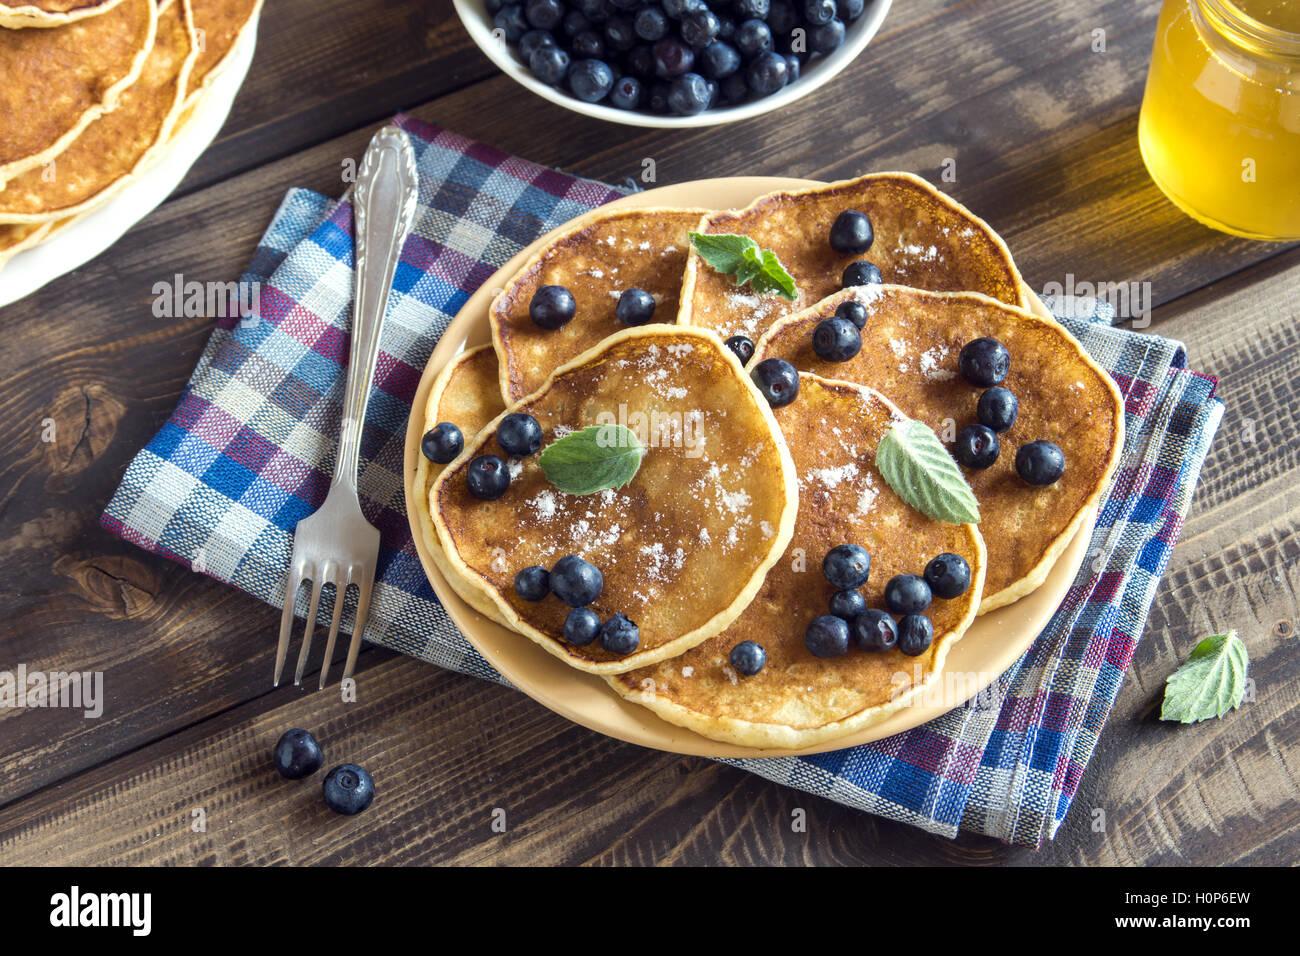 Frittelle sulla piastra con mirtilli, menta e miele per colazione - in casa sano cibo vegetariano Immagini Stock